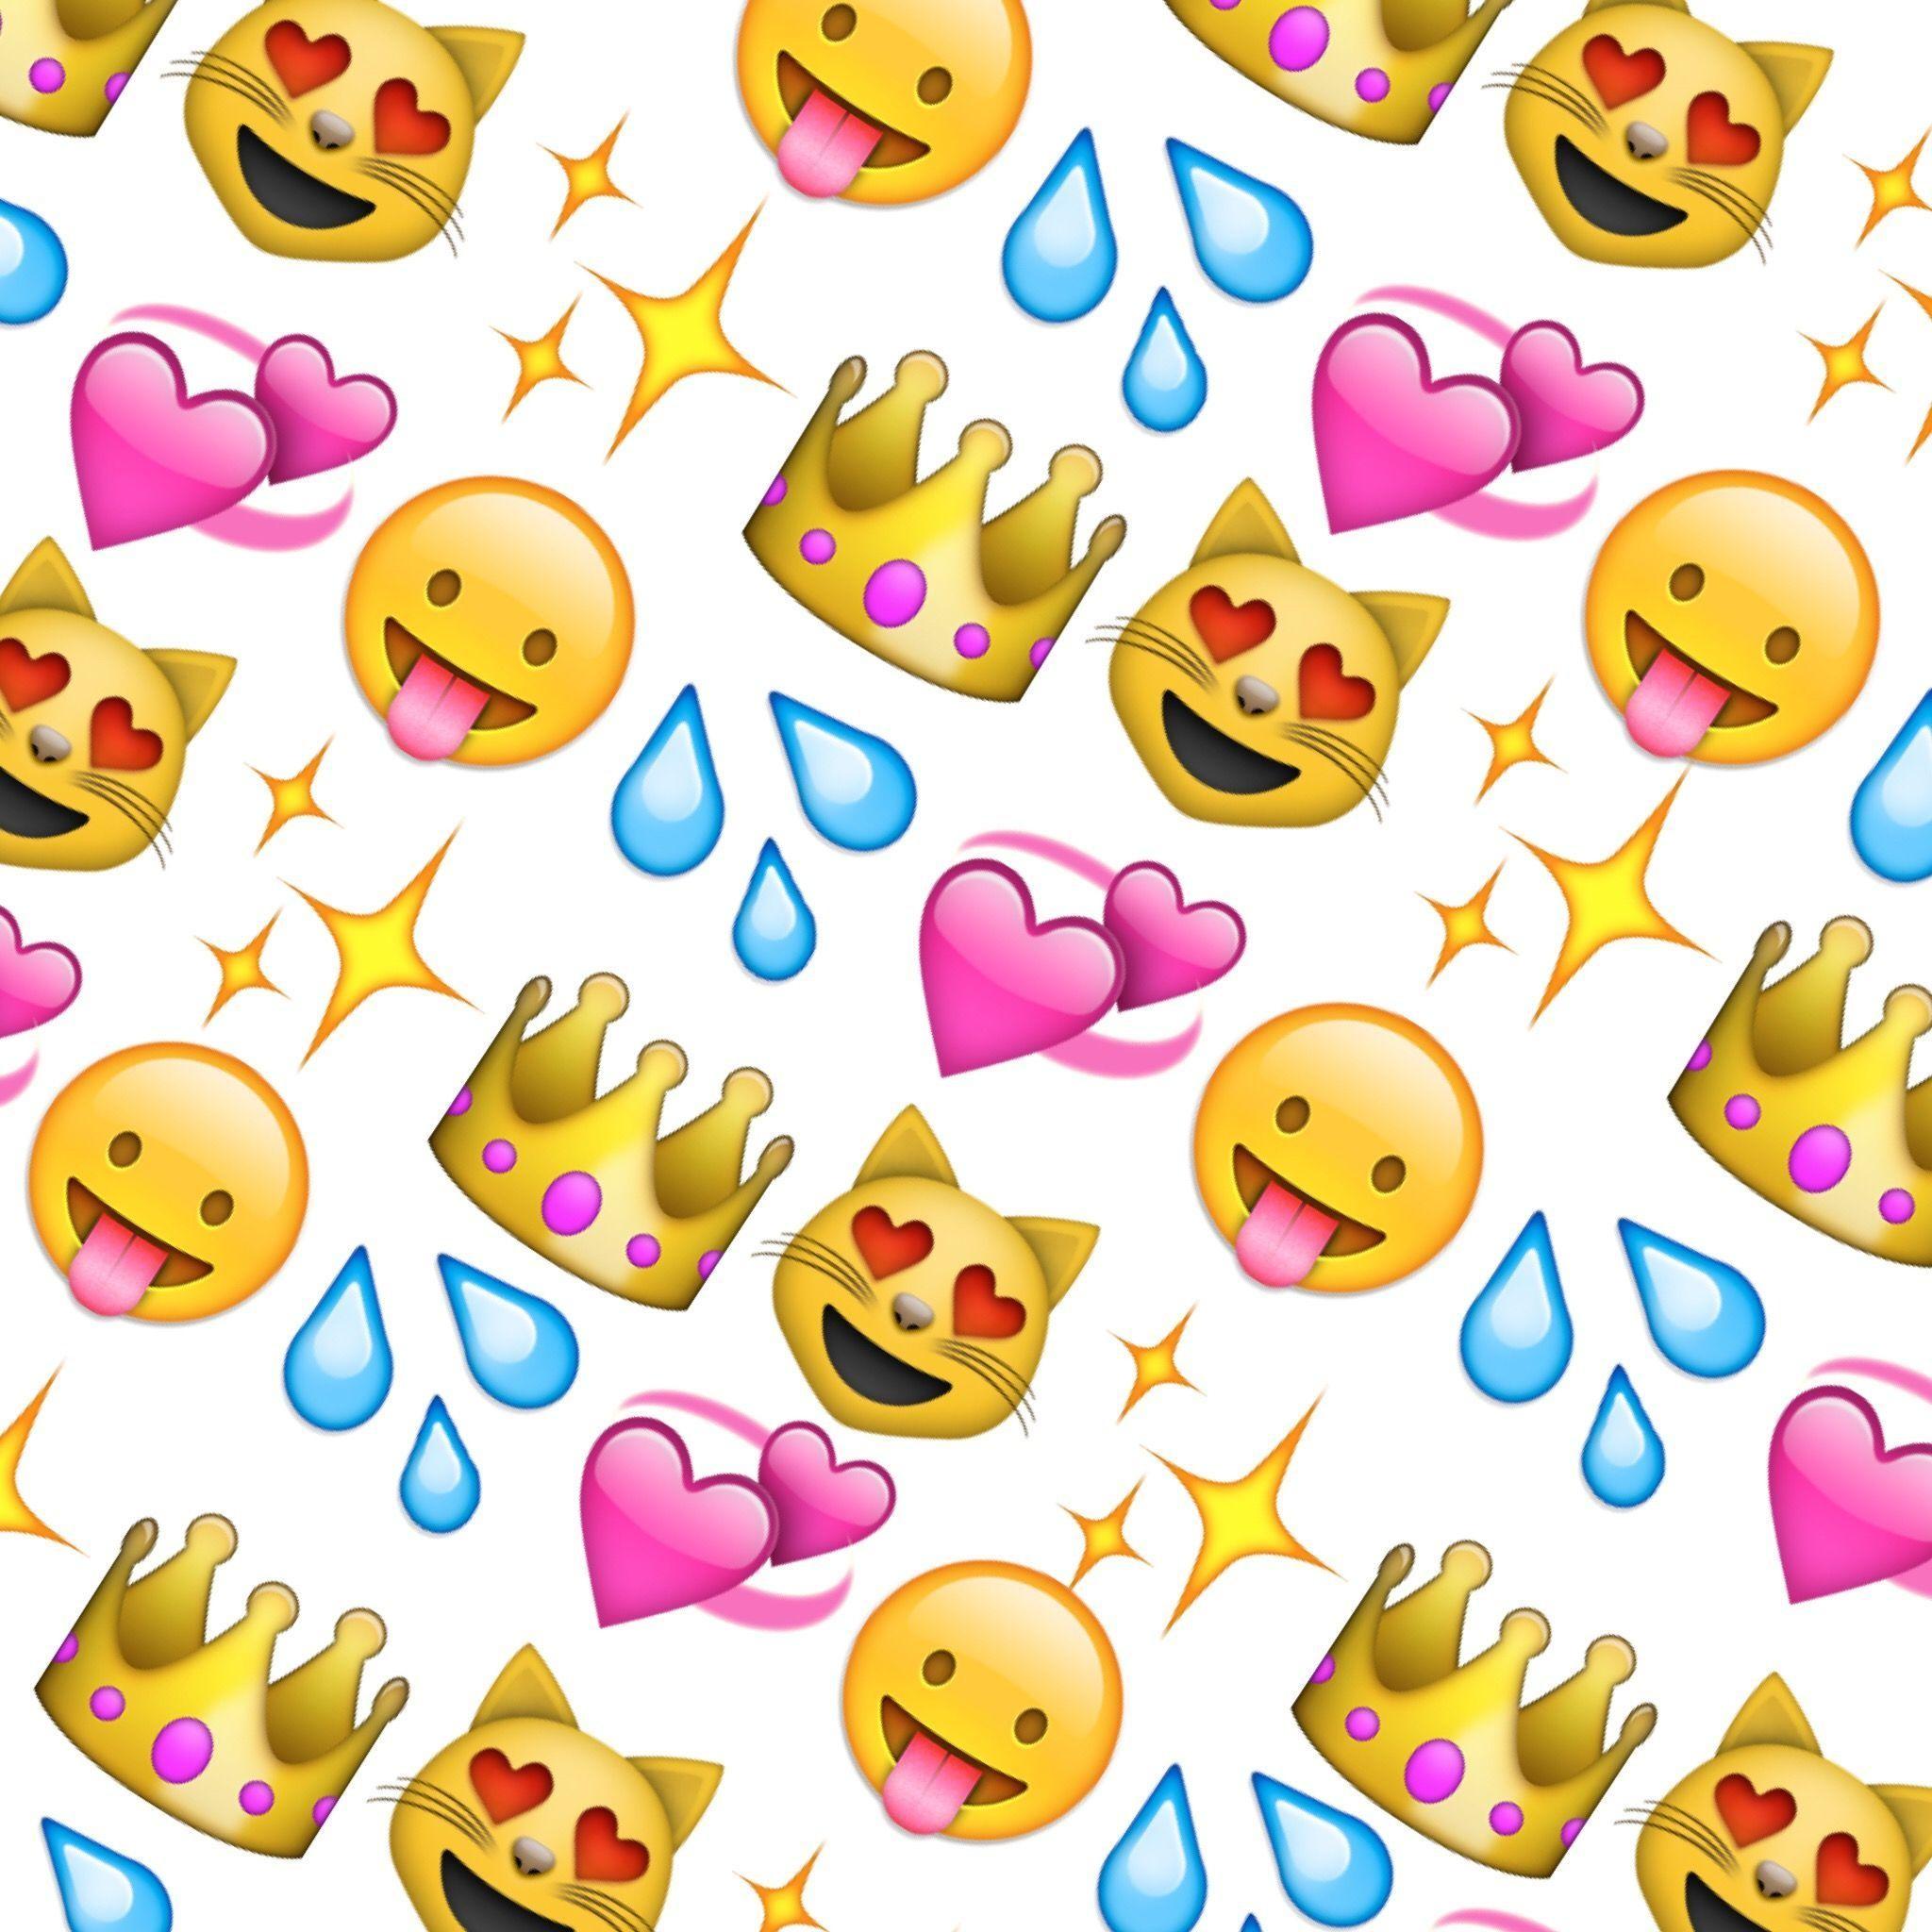 2048x2048 Queen emoji   Emoji wallpapers   Pinterest   Wallpapers and Queen